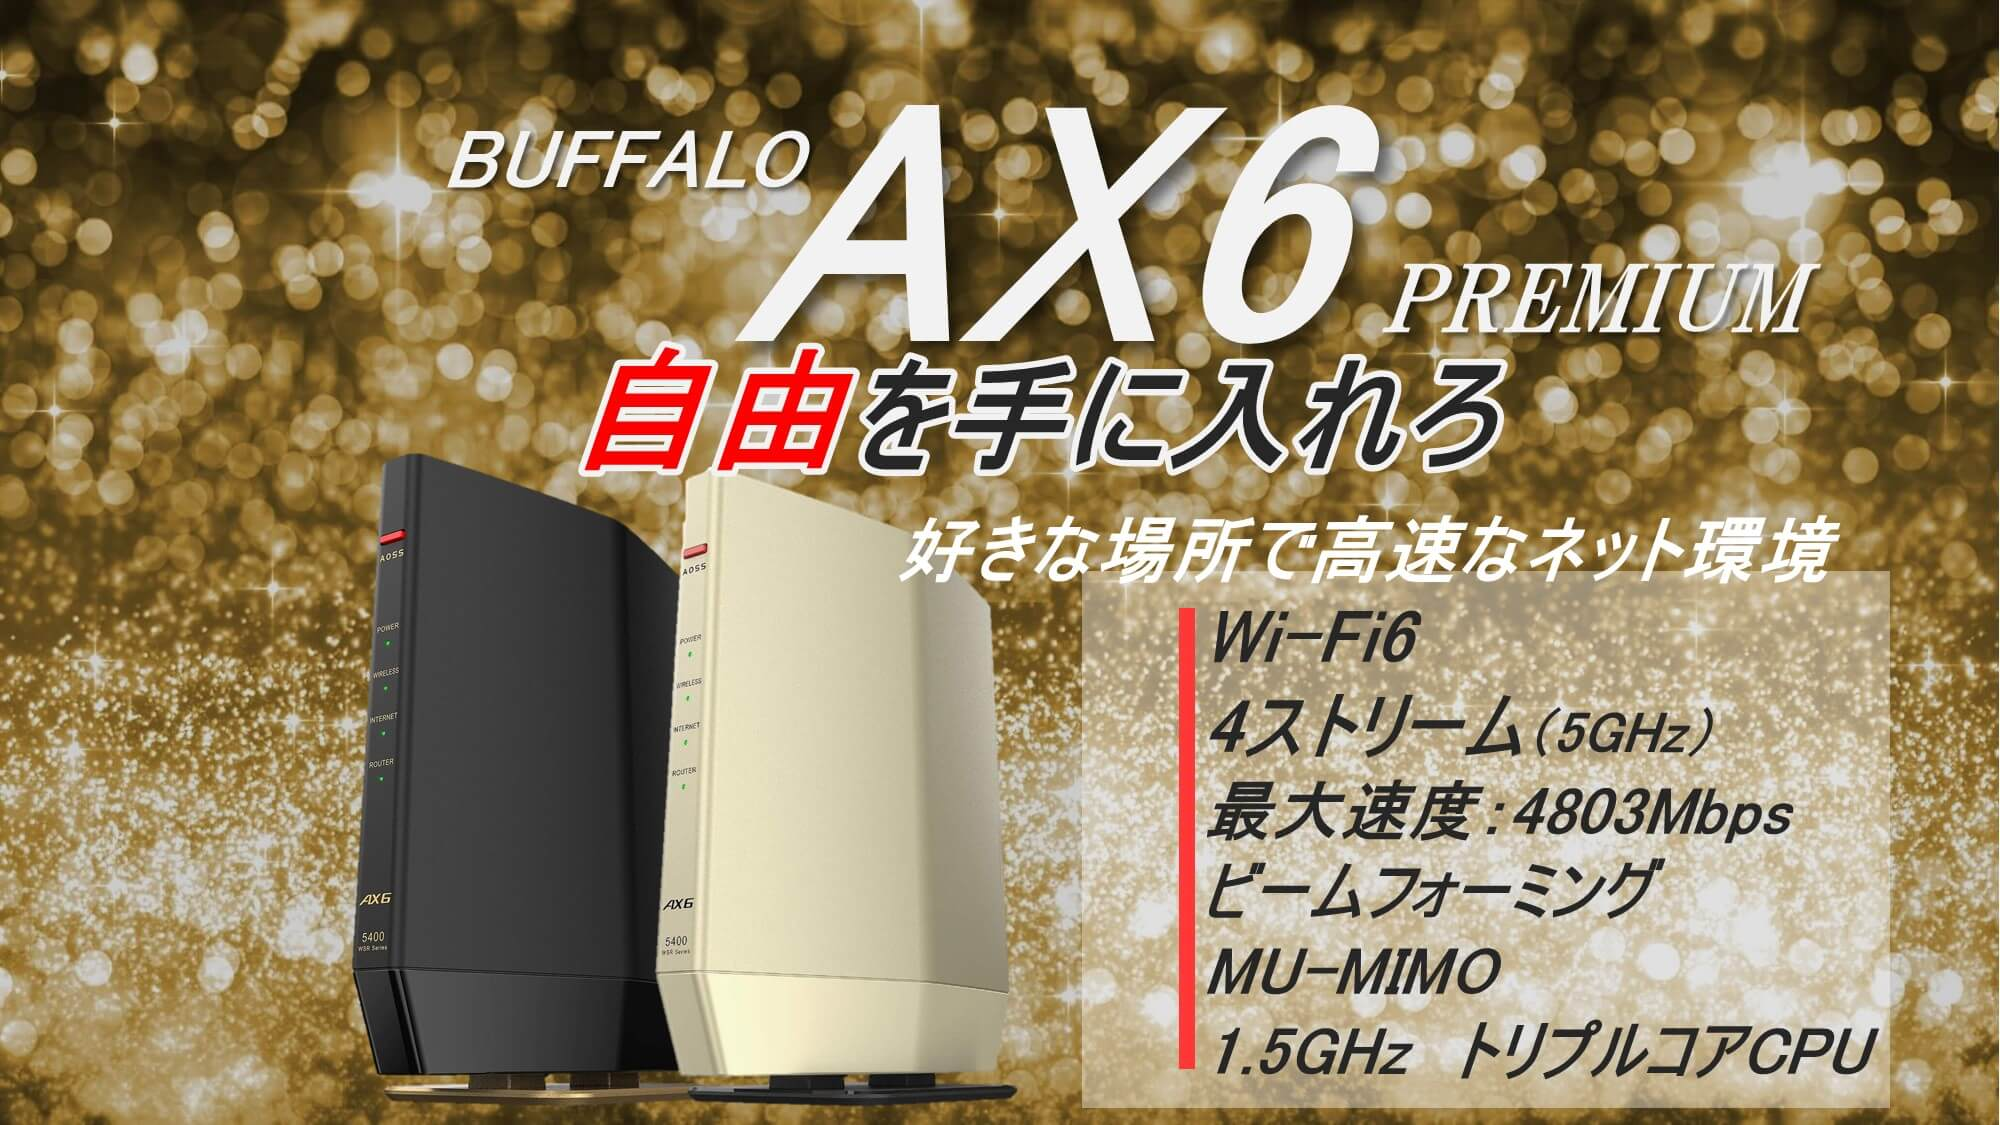 Buffalo WSR-5400AX6 口コミレビューまとめ